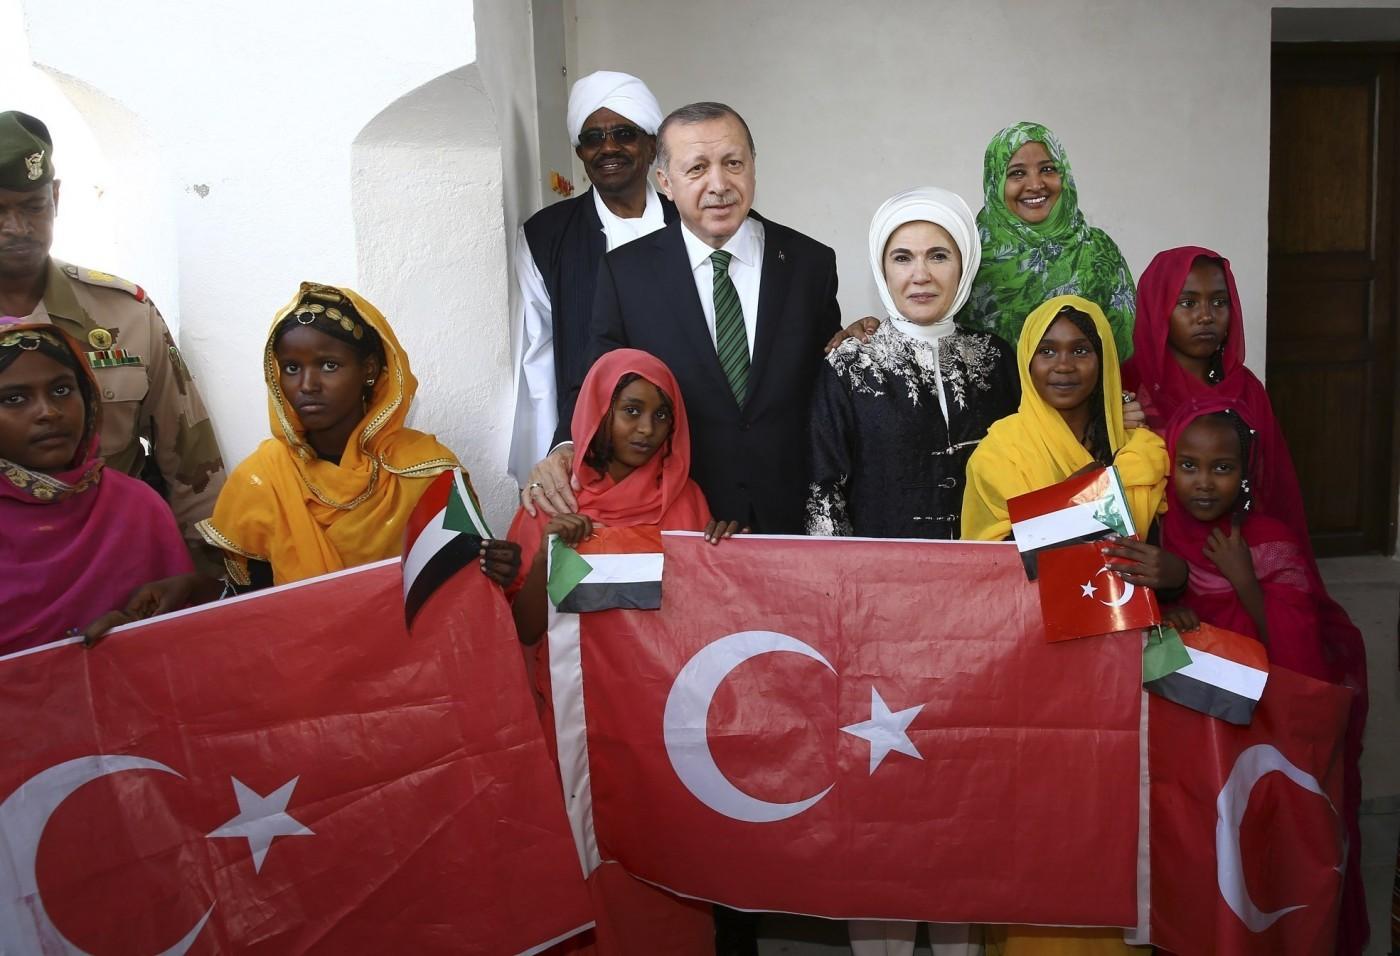 السودان تركيا